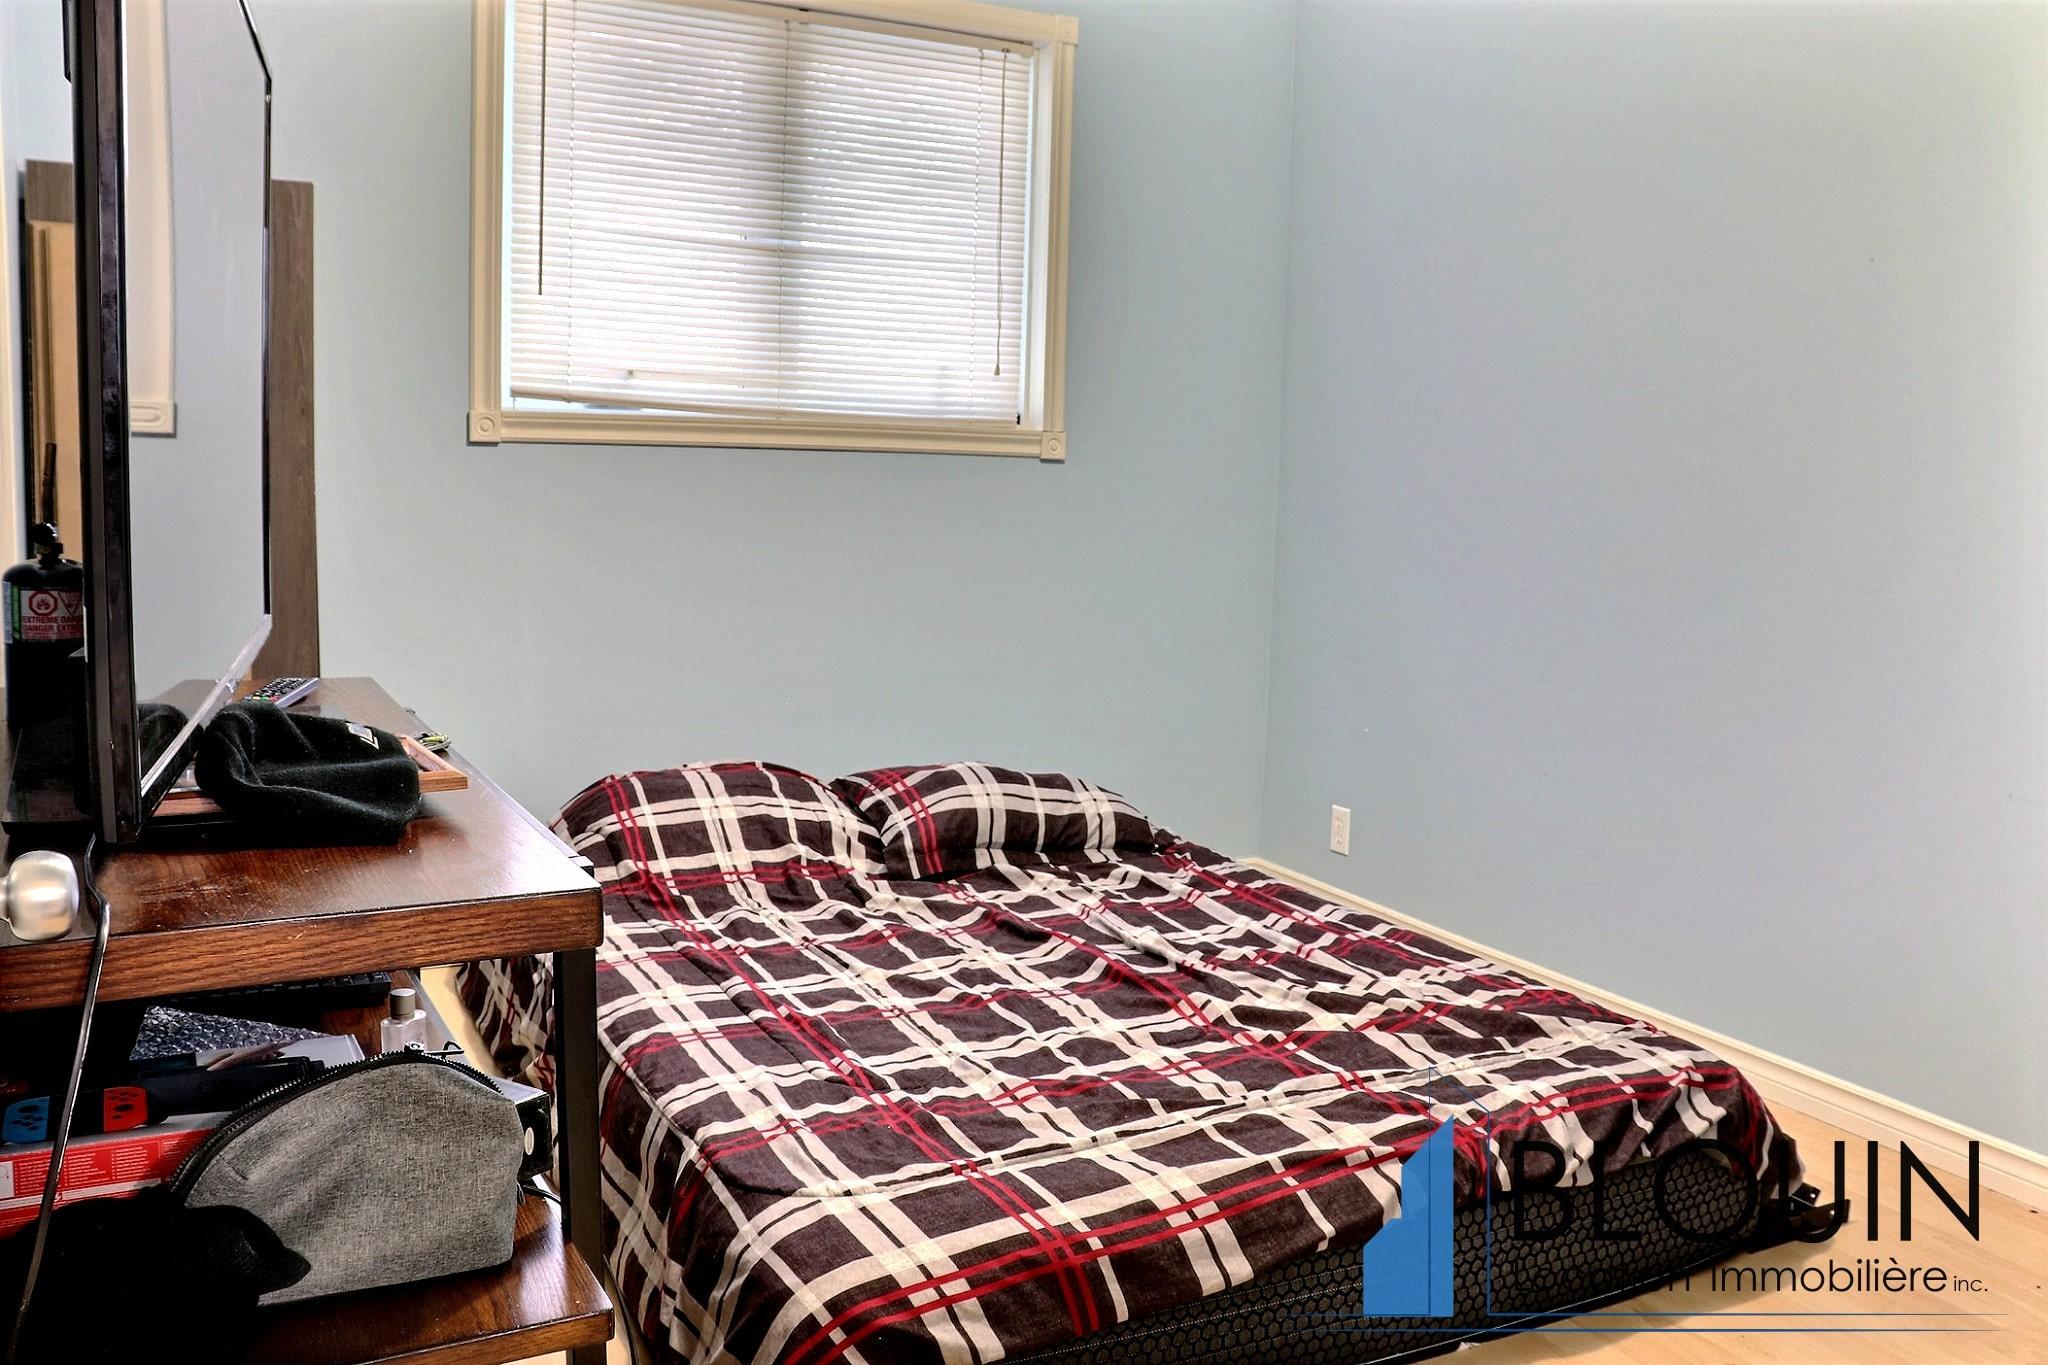 Photo 13 : Location de maison, Entièrement meublée, 25 minutes de Québec